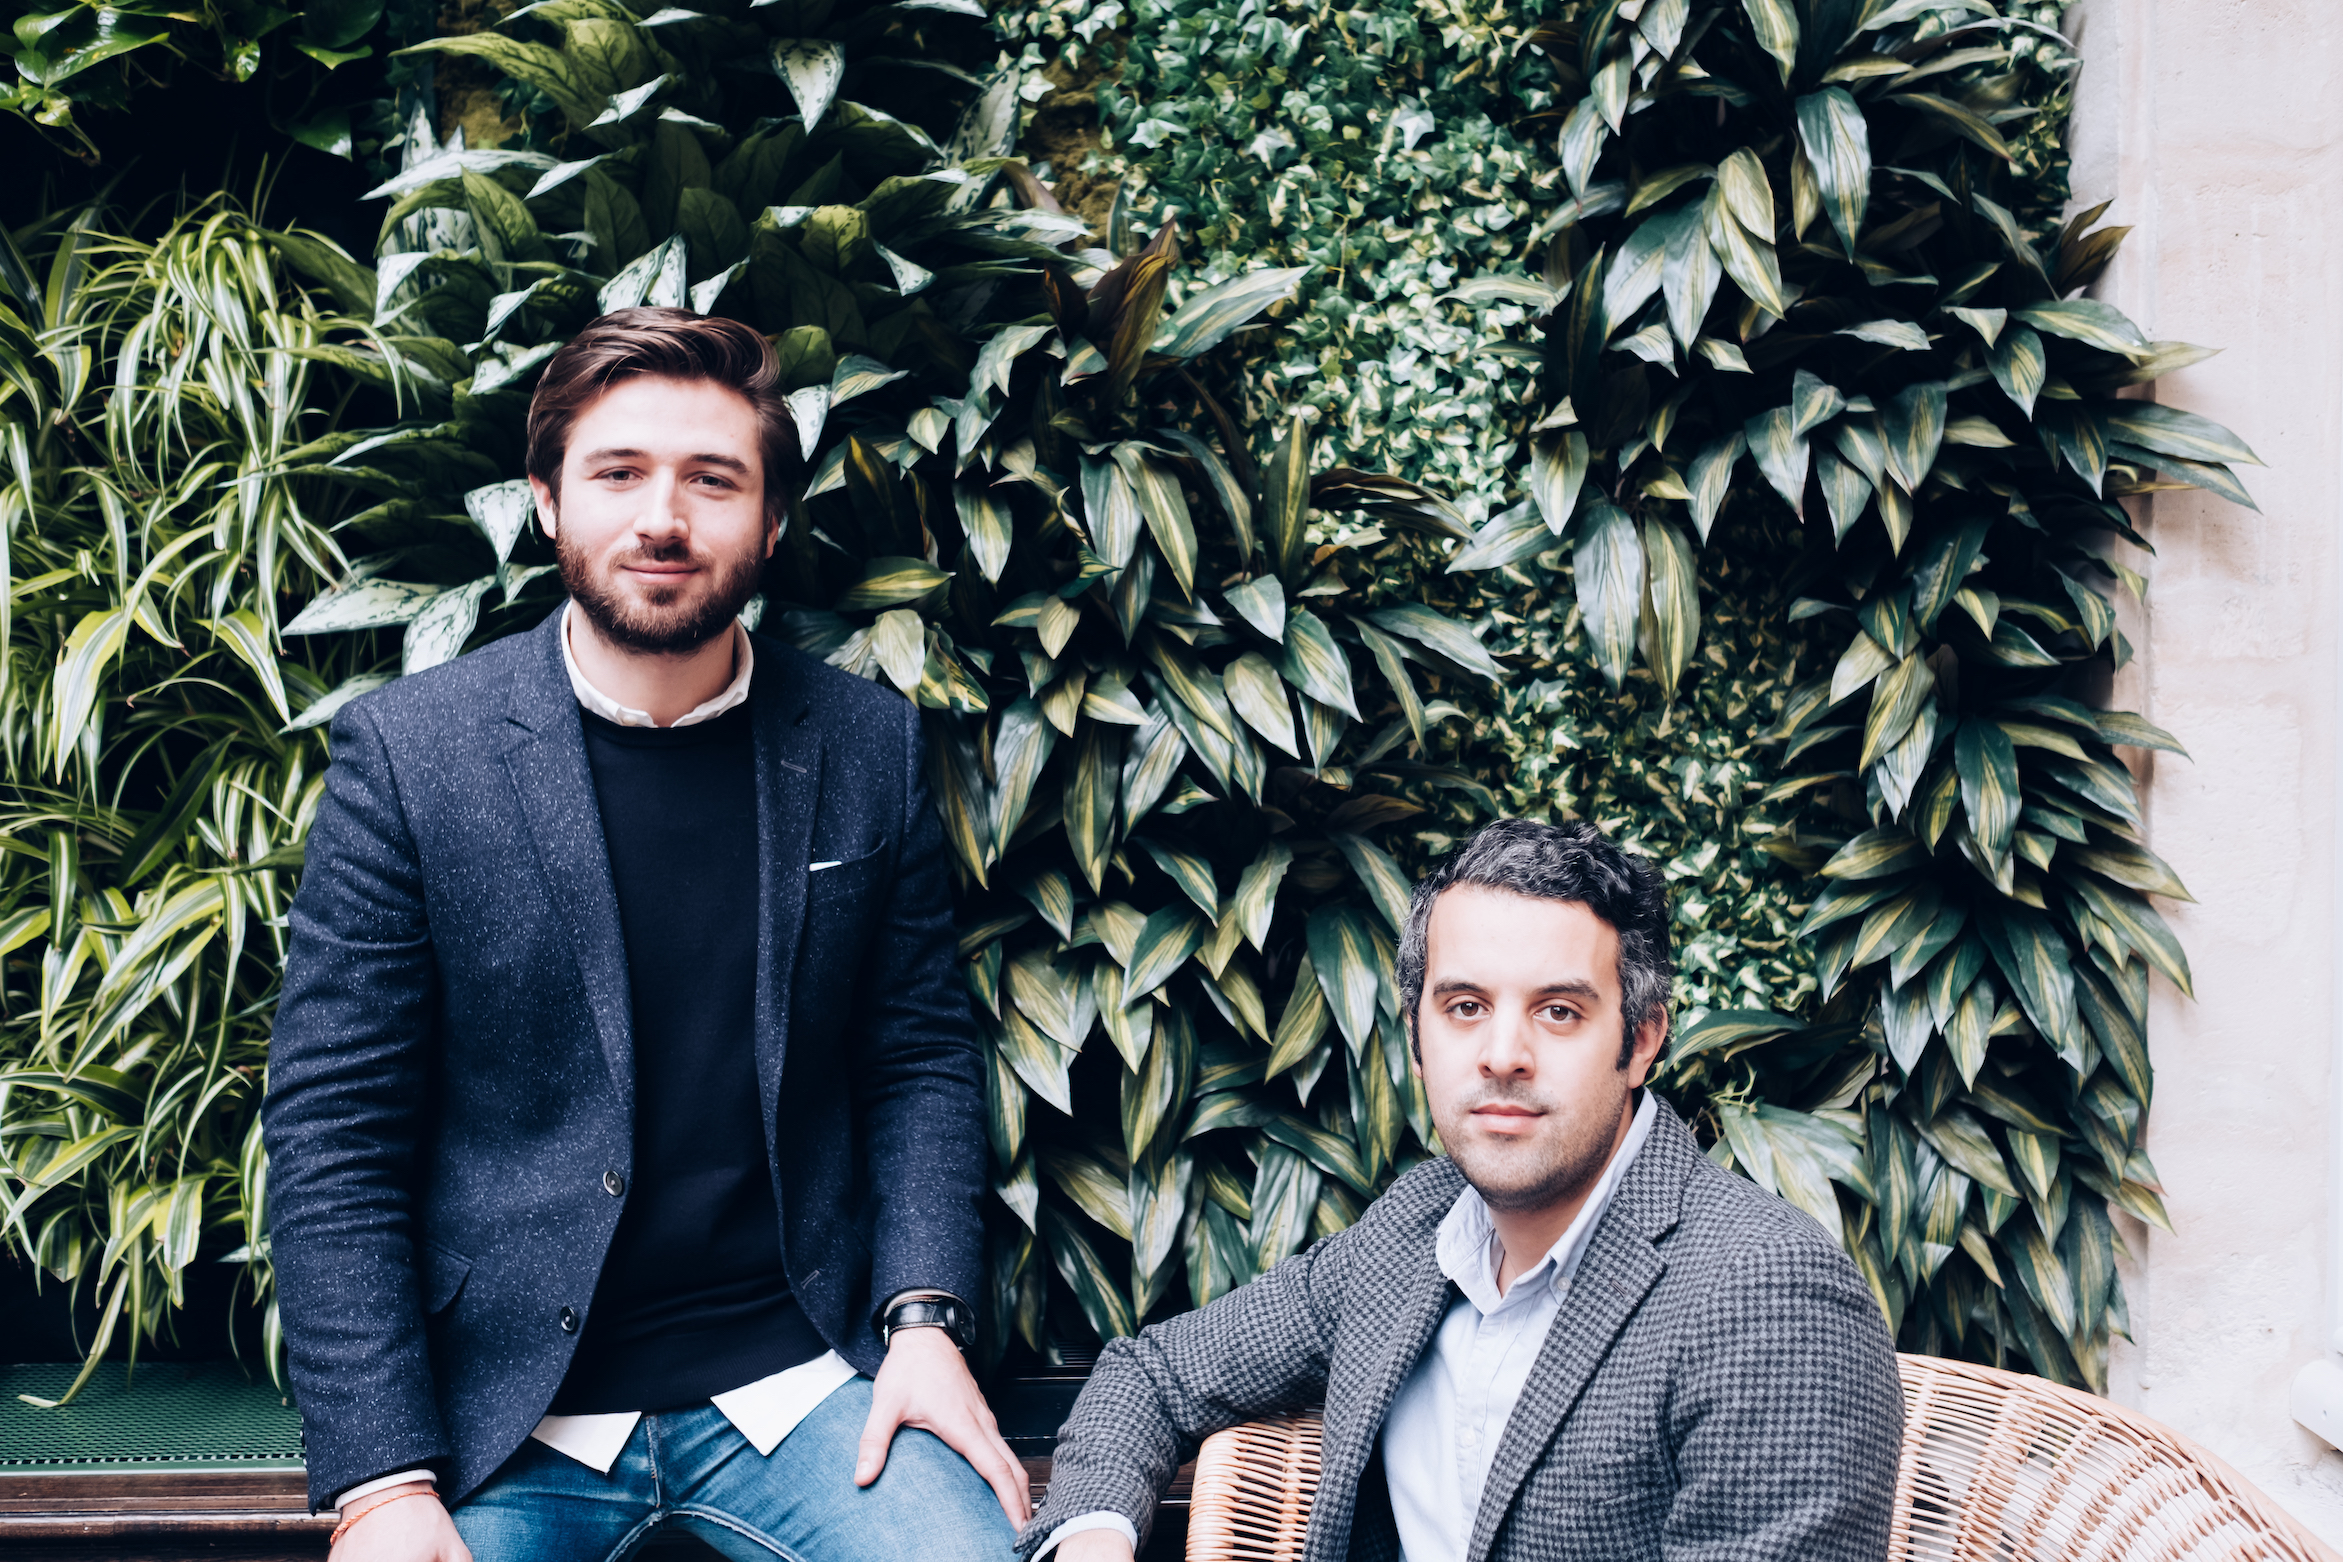 Arthur Larrey et Kamel El Hadef, fondateurs d'Audion. Audion surfe sur ce nouvel engouement autour du podcast.